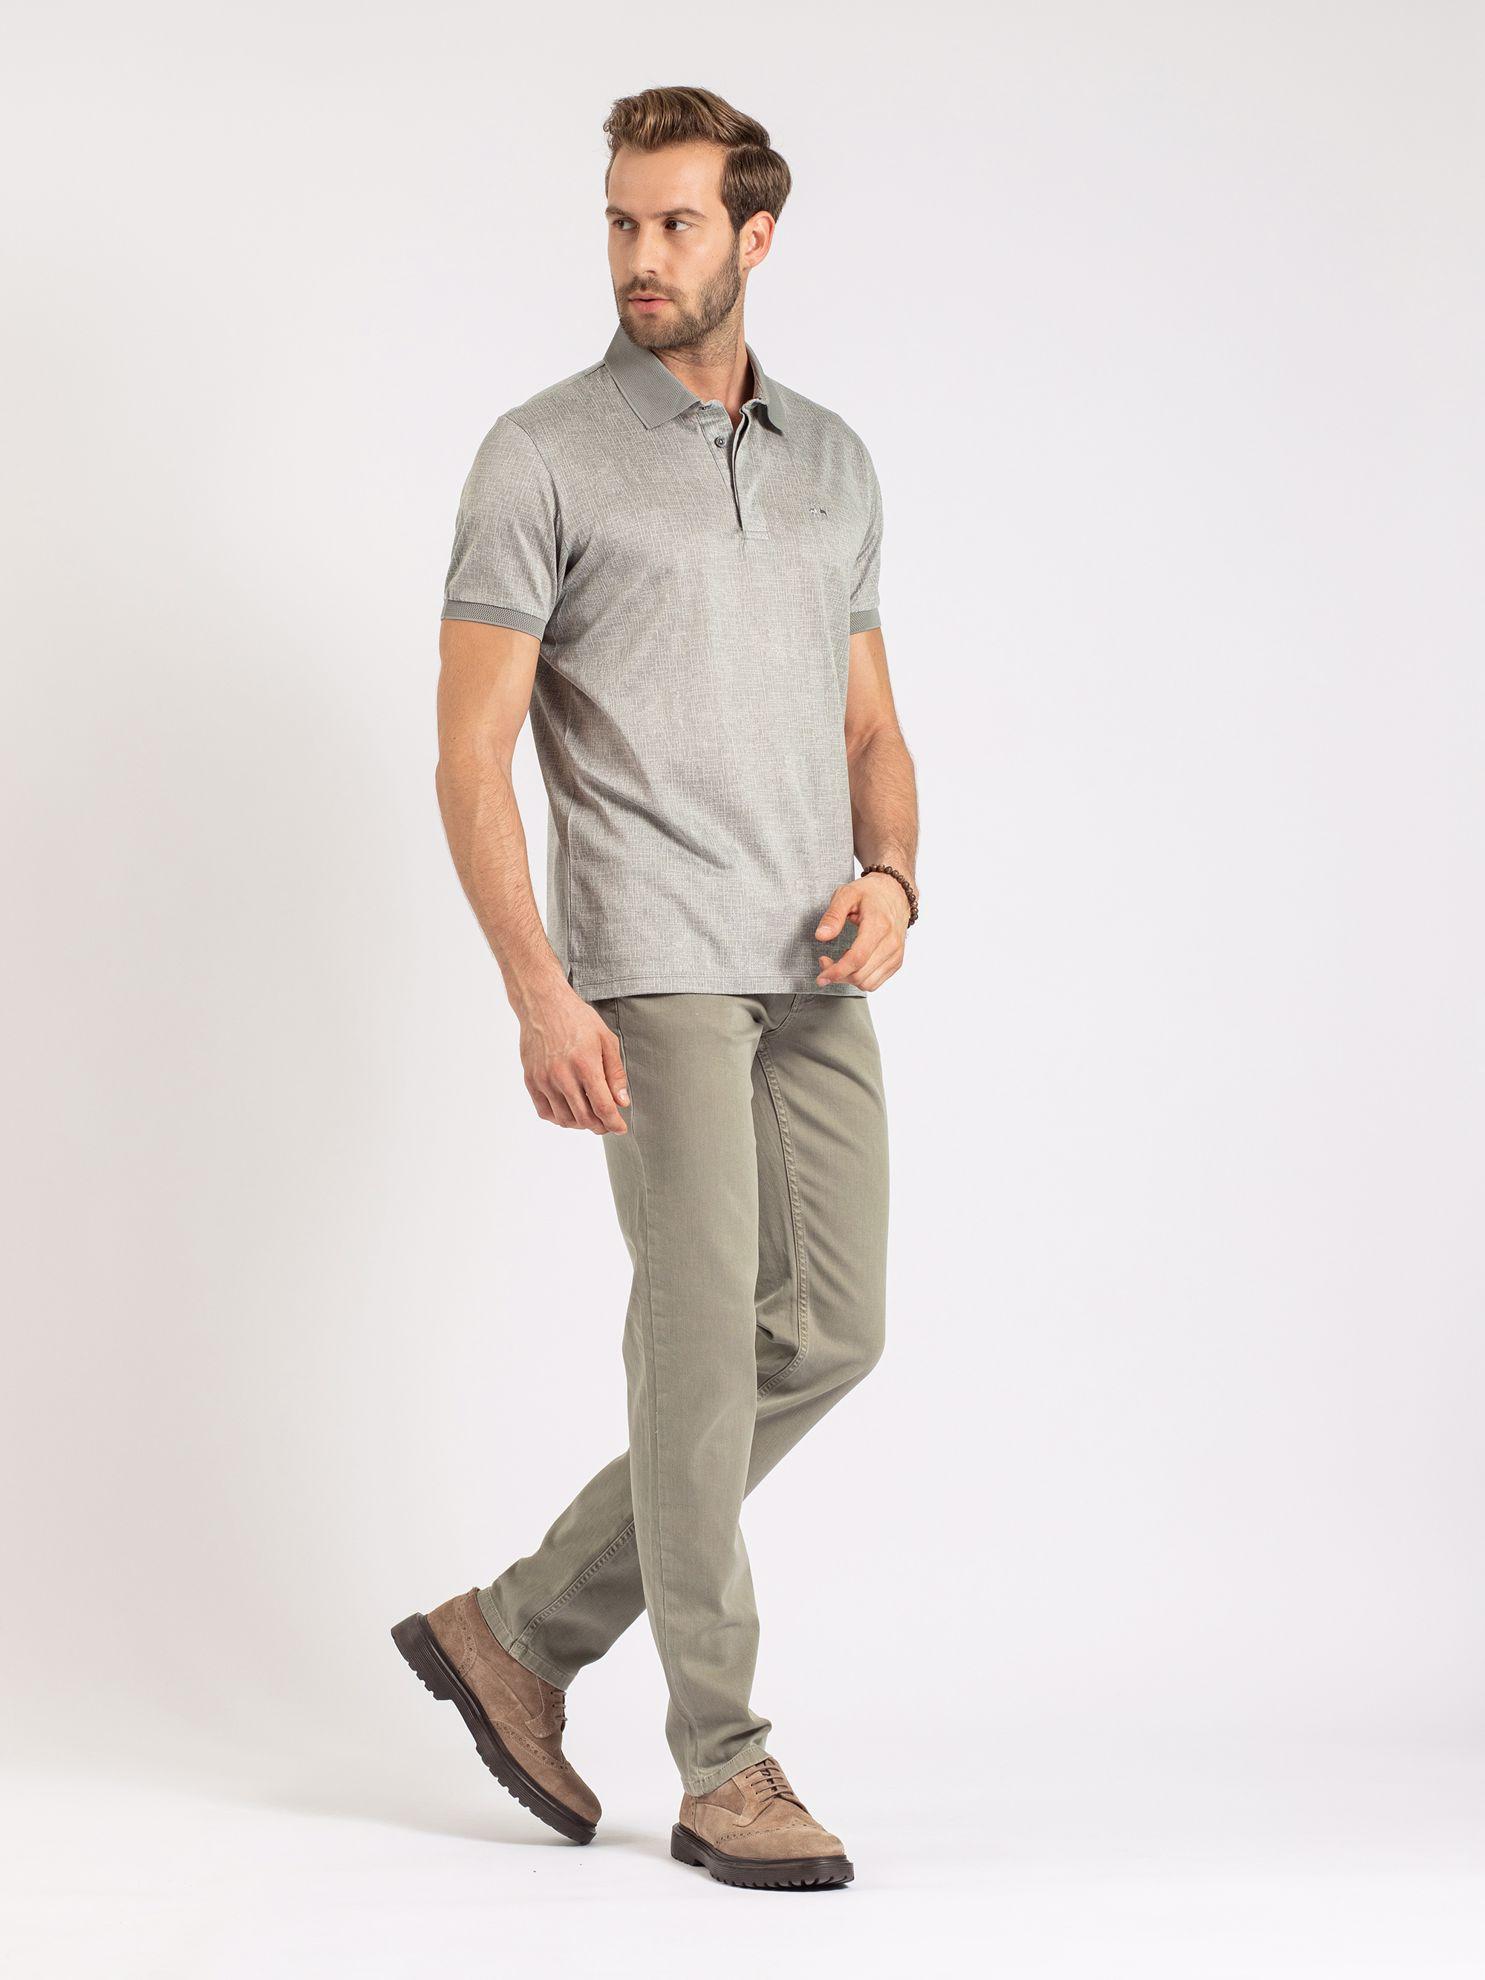 Karaca Erkek Regular Fıt Polo Yaka Tişört-Taş. ürün görseli